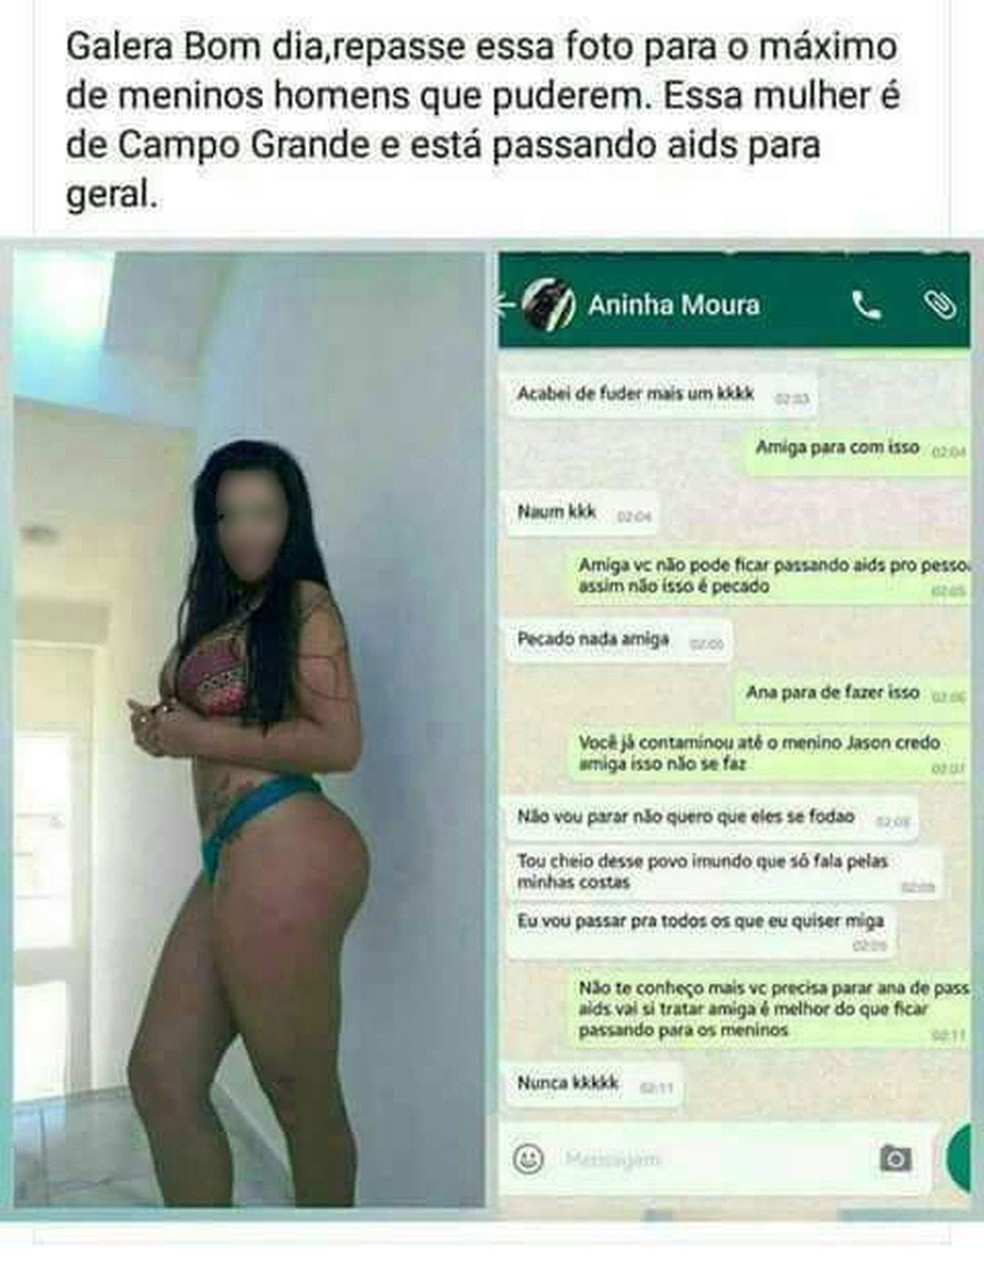 Perfil falso no WhatsApp atribuído a Aninha (Foto: Reprodução)